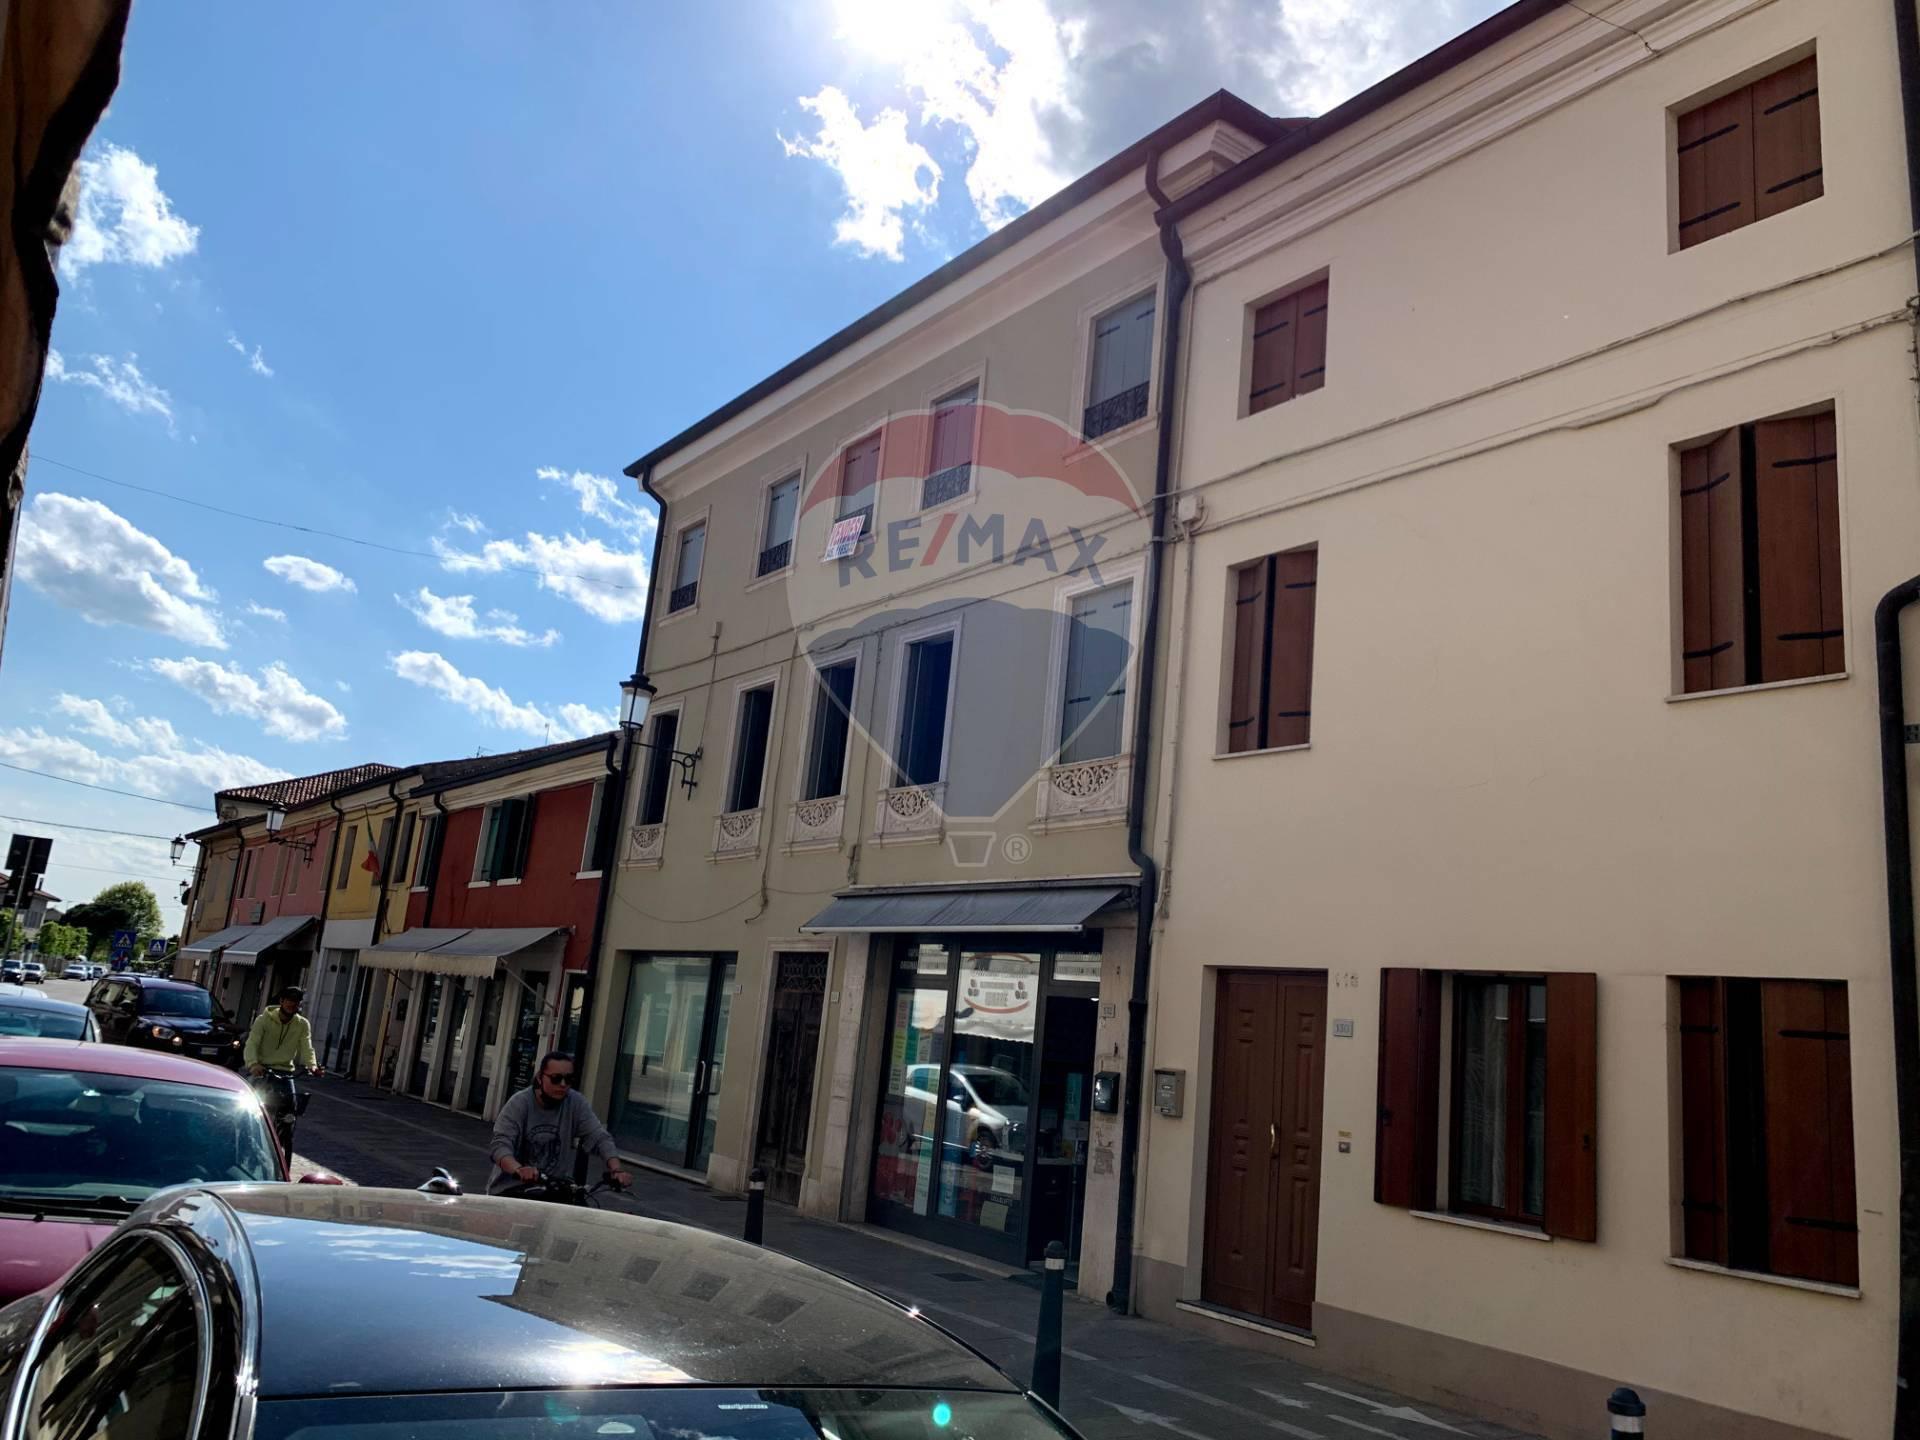 Negozio / Locale in vendita a Noventa Vicentina, 9999 locali, prezzo € 30.000 | CambioCasa.it